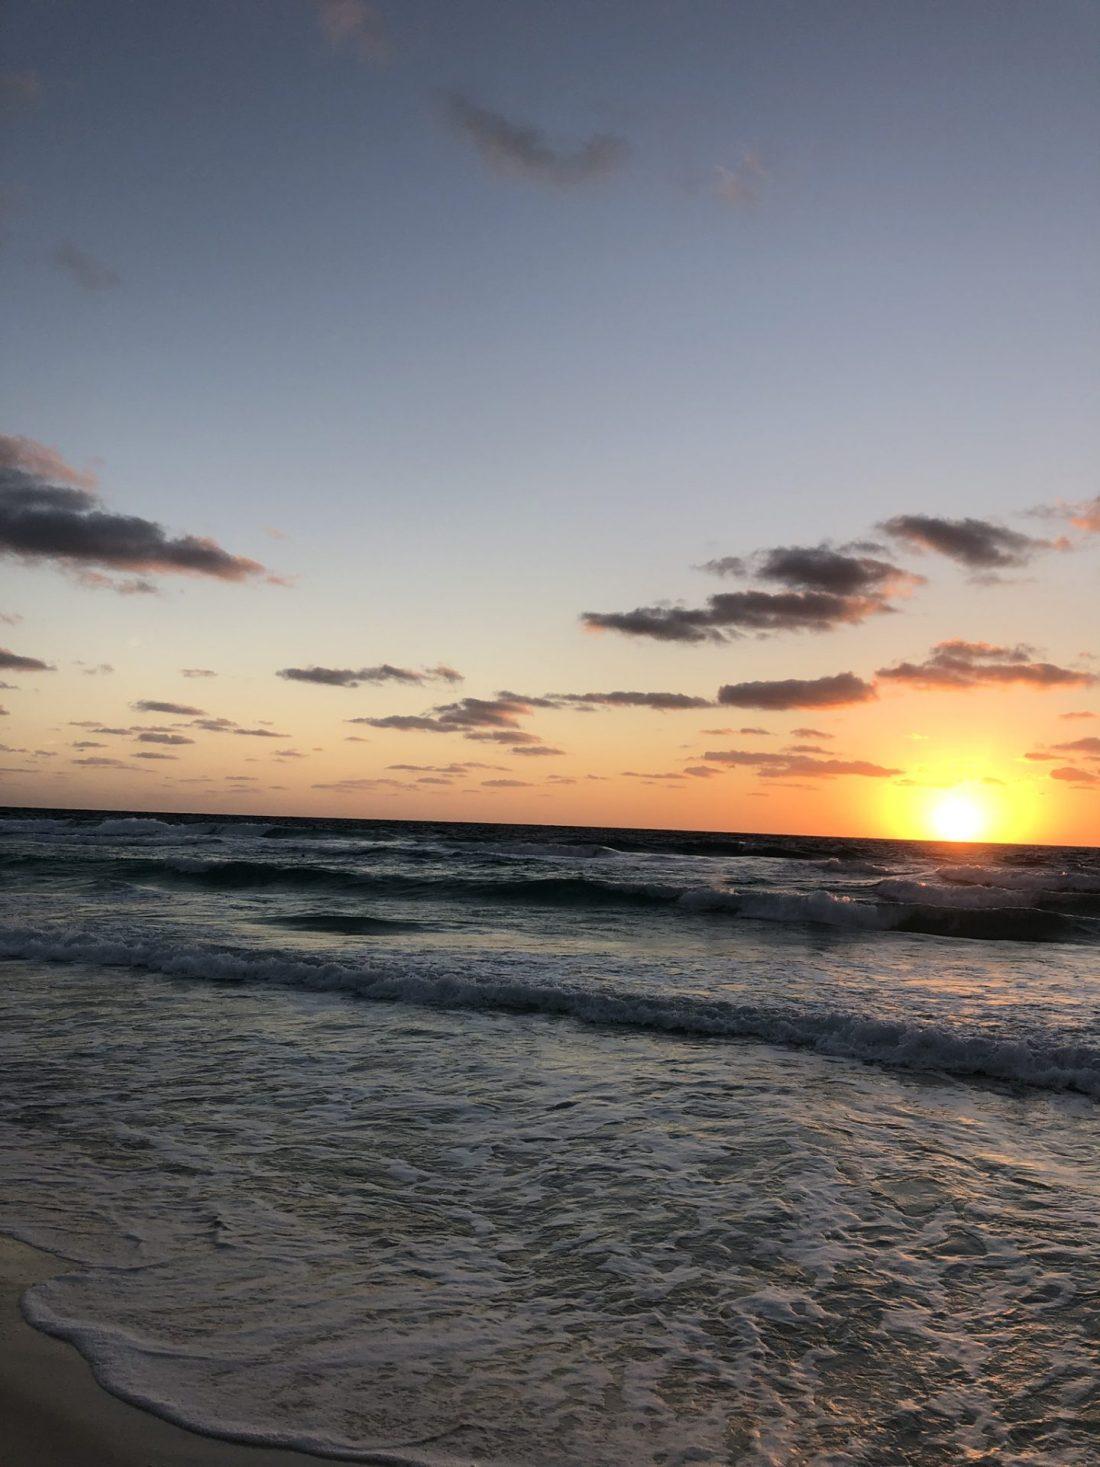 Sunrise on the beach in Cancún